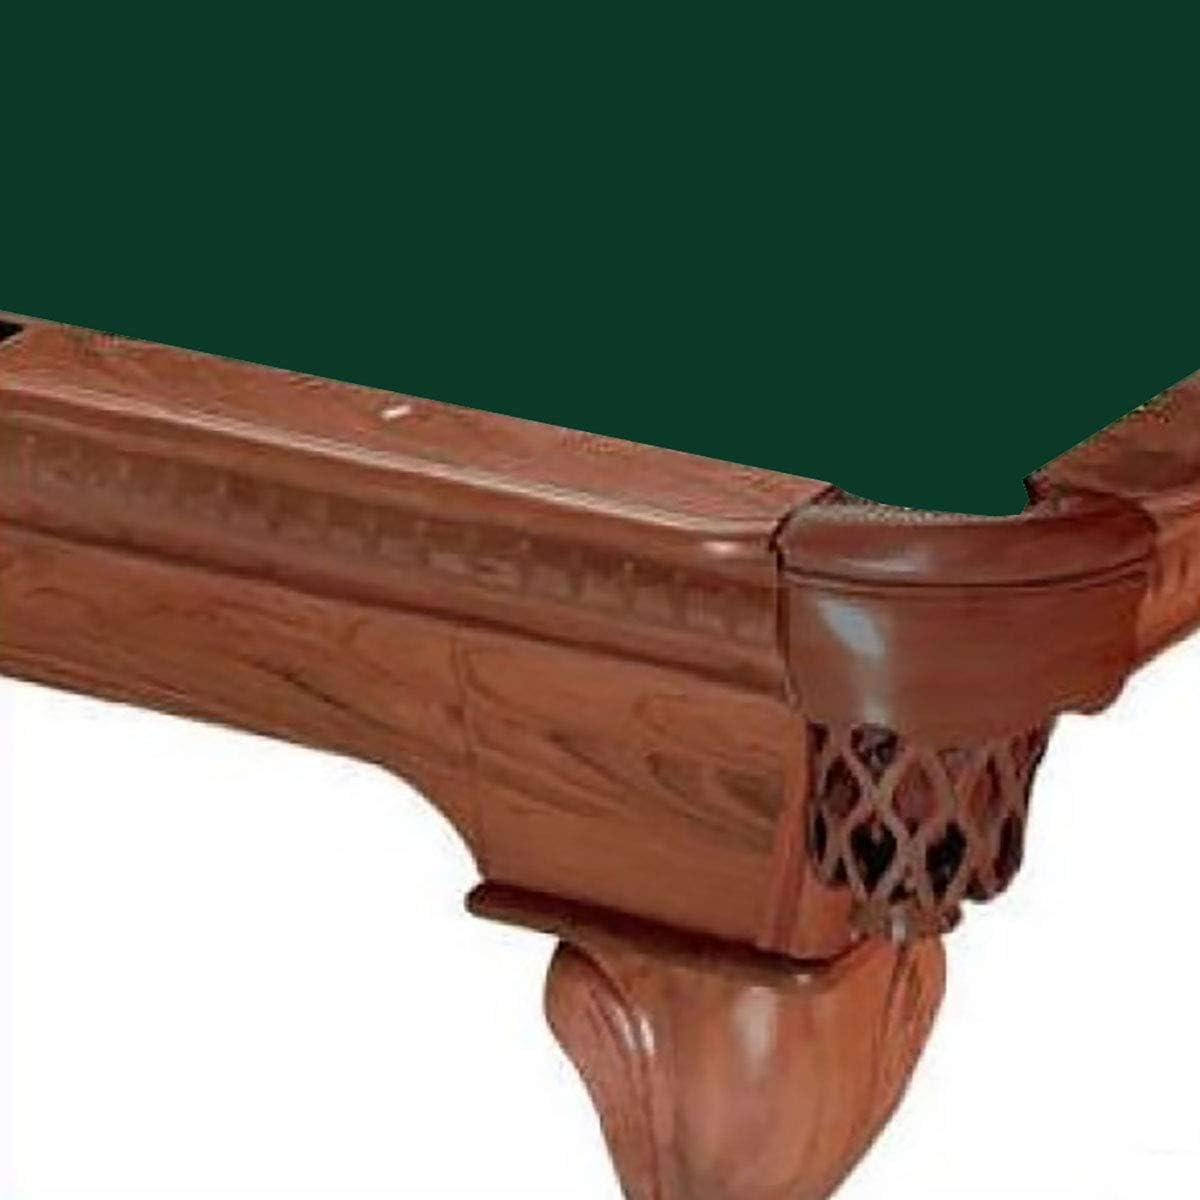 8' Pro Oversized Dedication Spruce ProLine Table Clot Billiard Pool Classic Brand Cheap Sale Venue